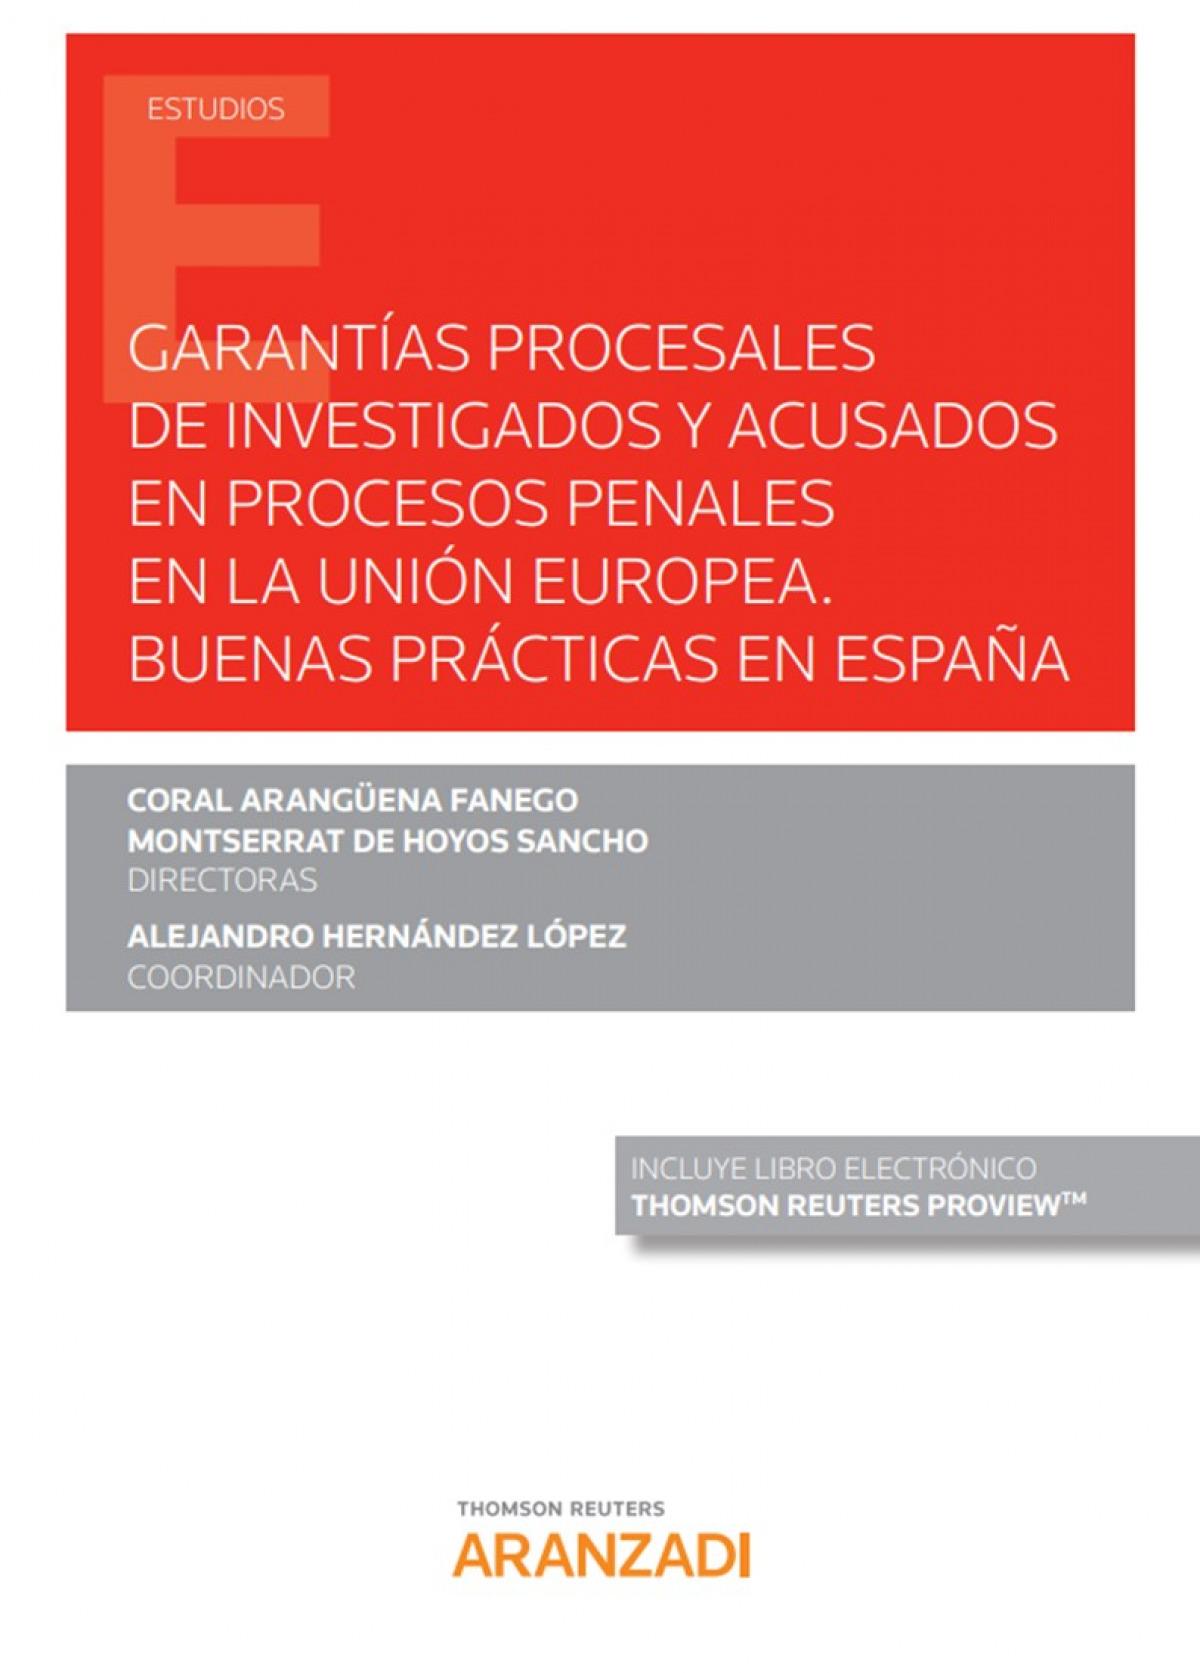 Garant¡as procesales de investigados y acusados en procesos penal 9788413454375